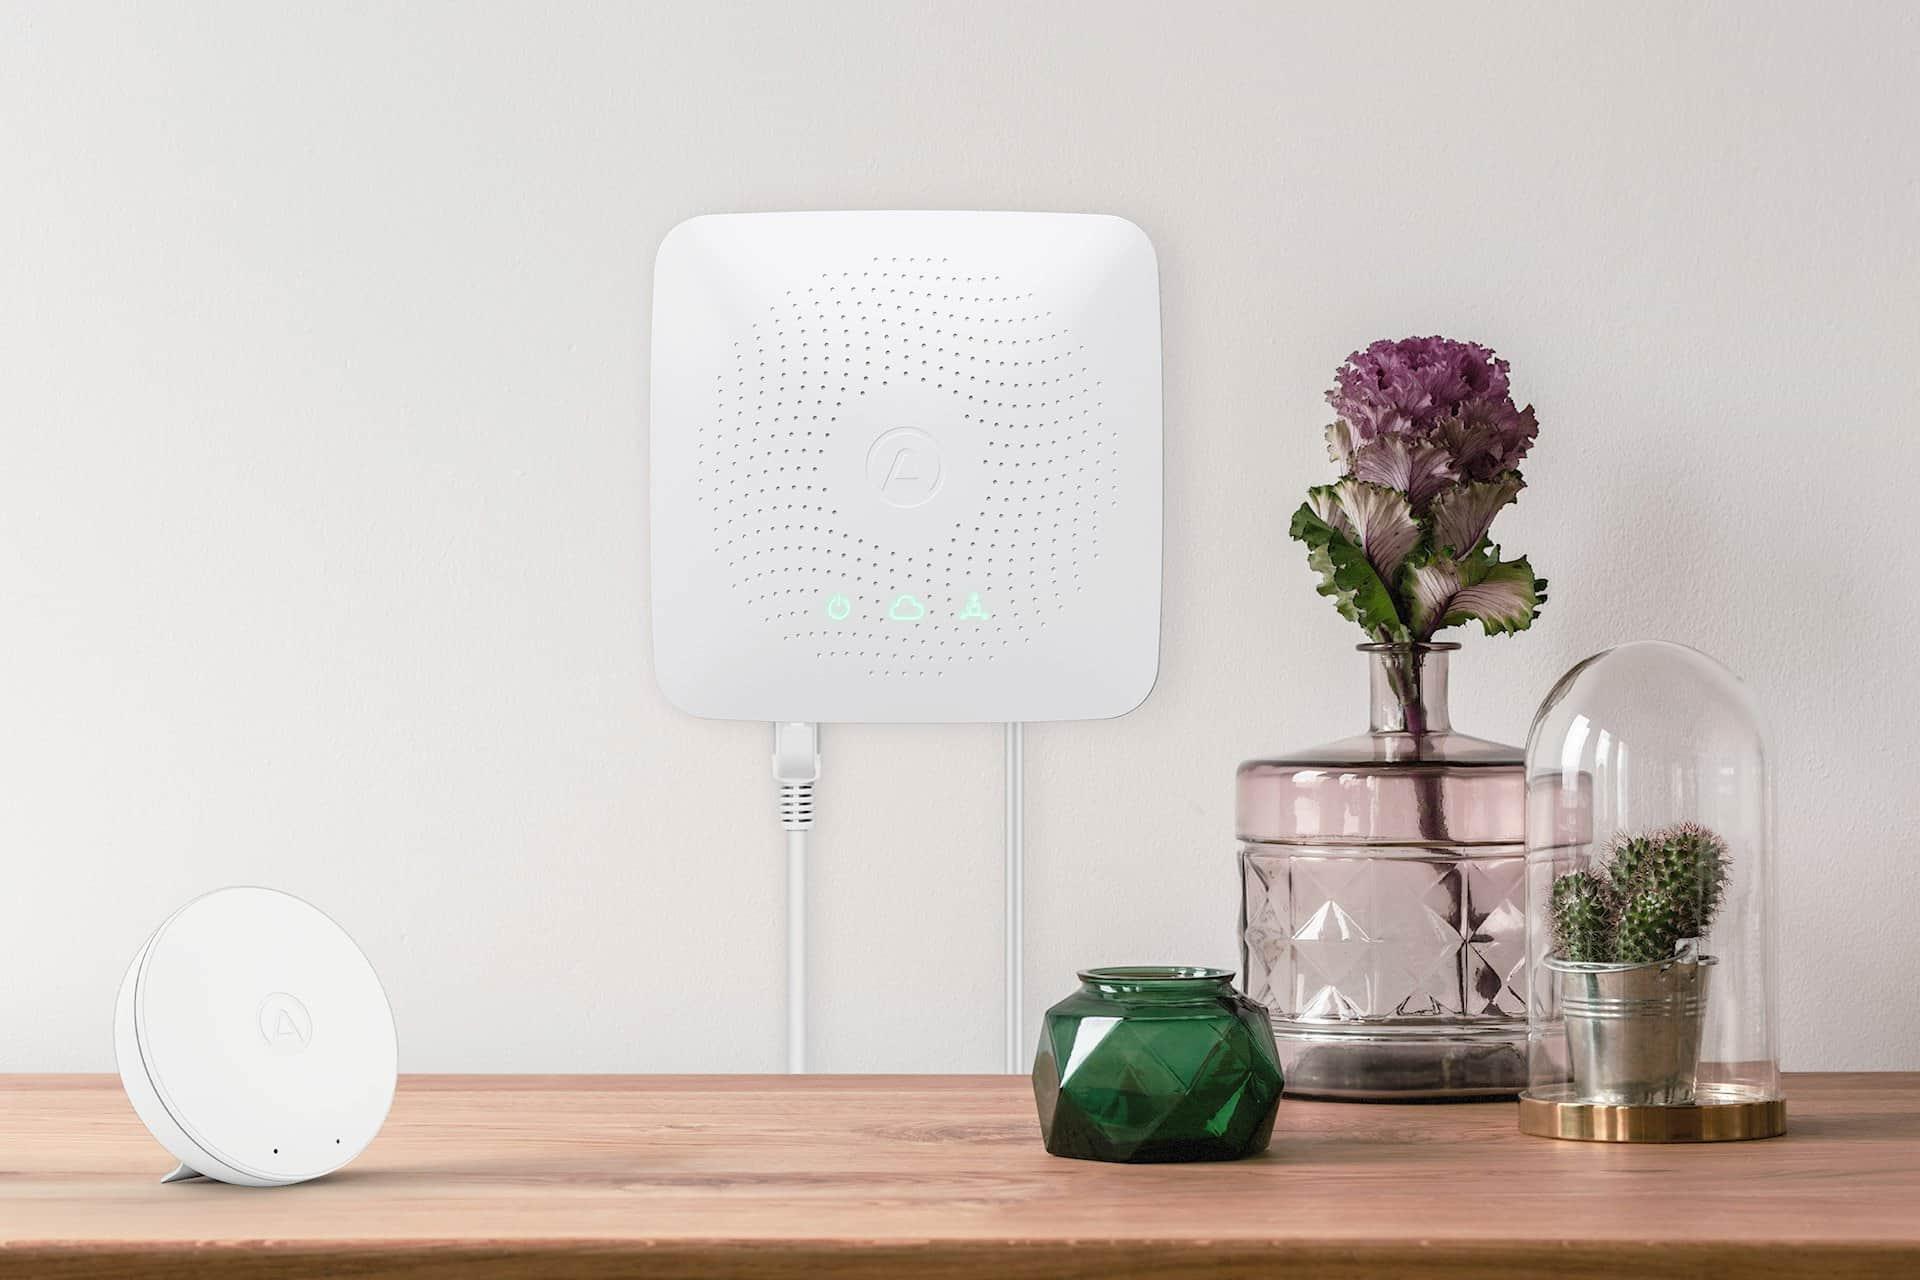 Der Airthings Hub bindet die Sensoren unter einer Oberfläche ein, so dass alle Sensoren eines Hauses ge-meinsam beobachtet und ausgewertet werden können.